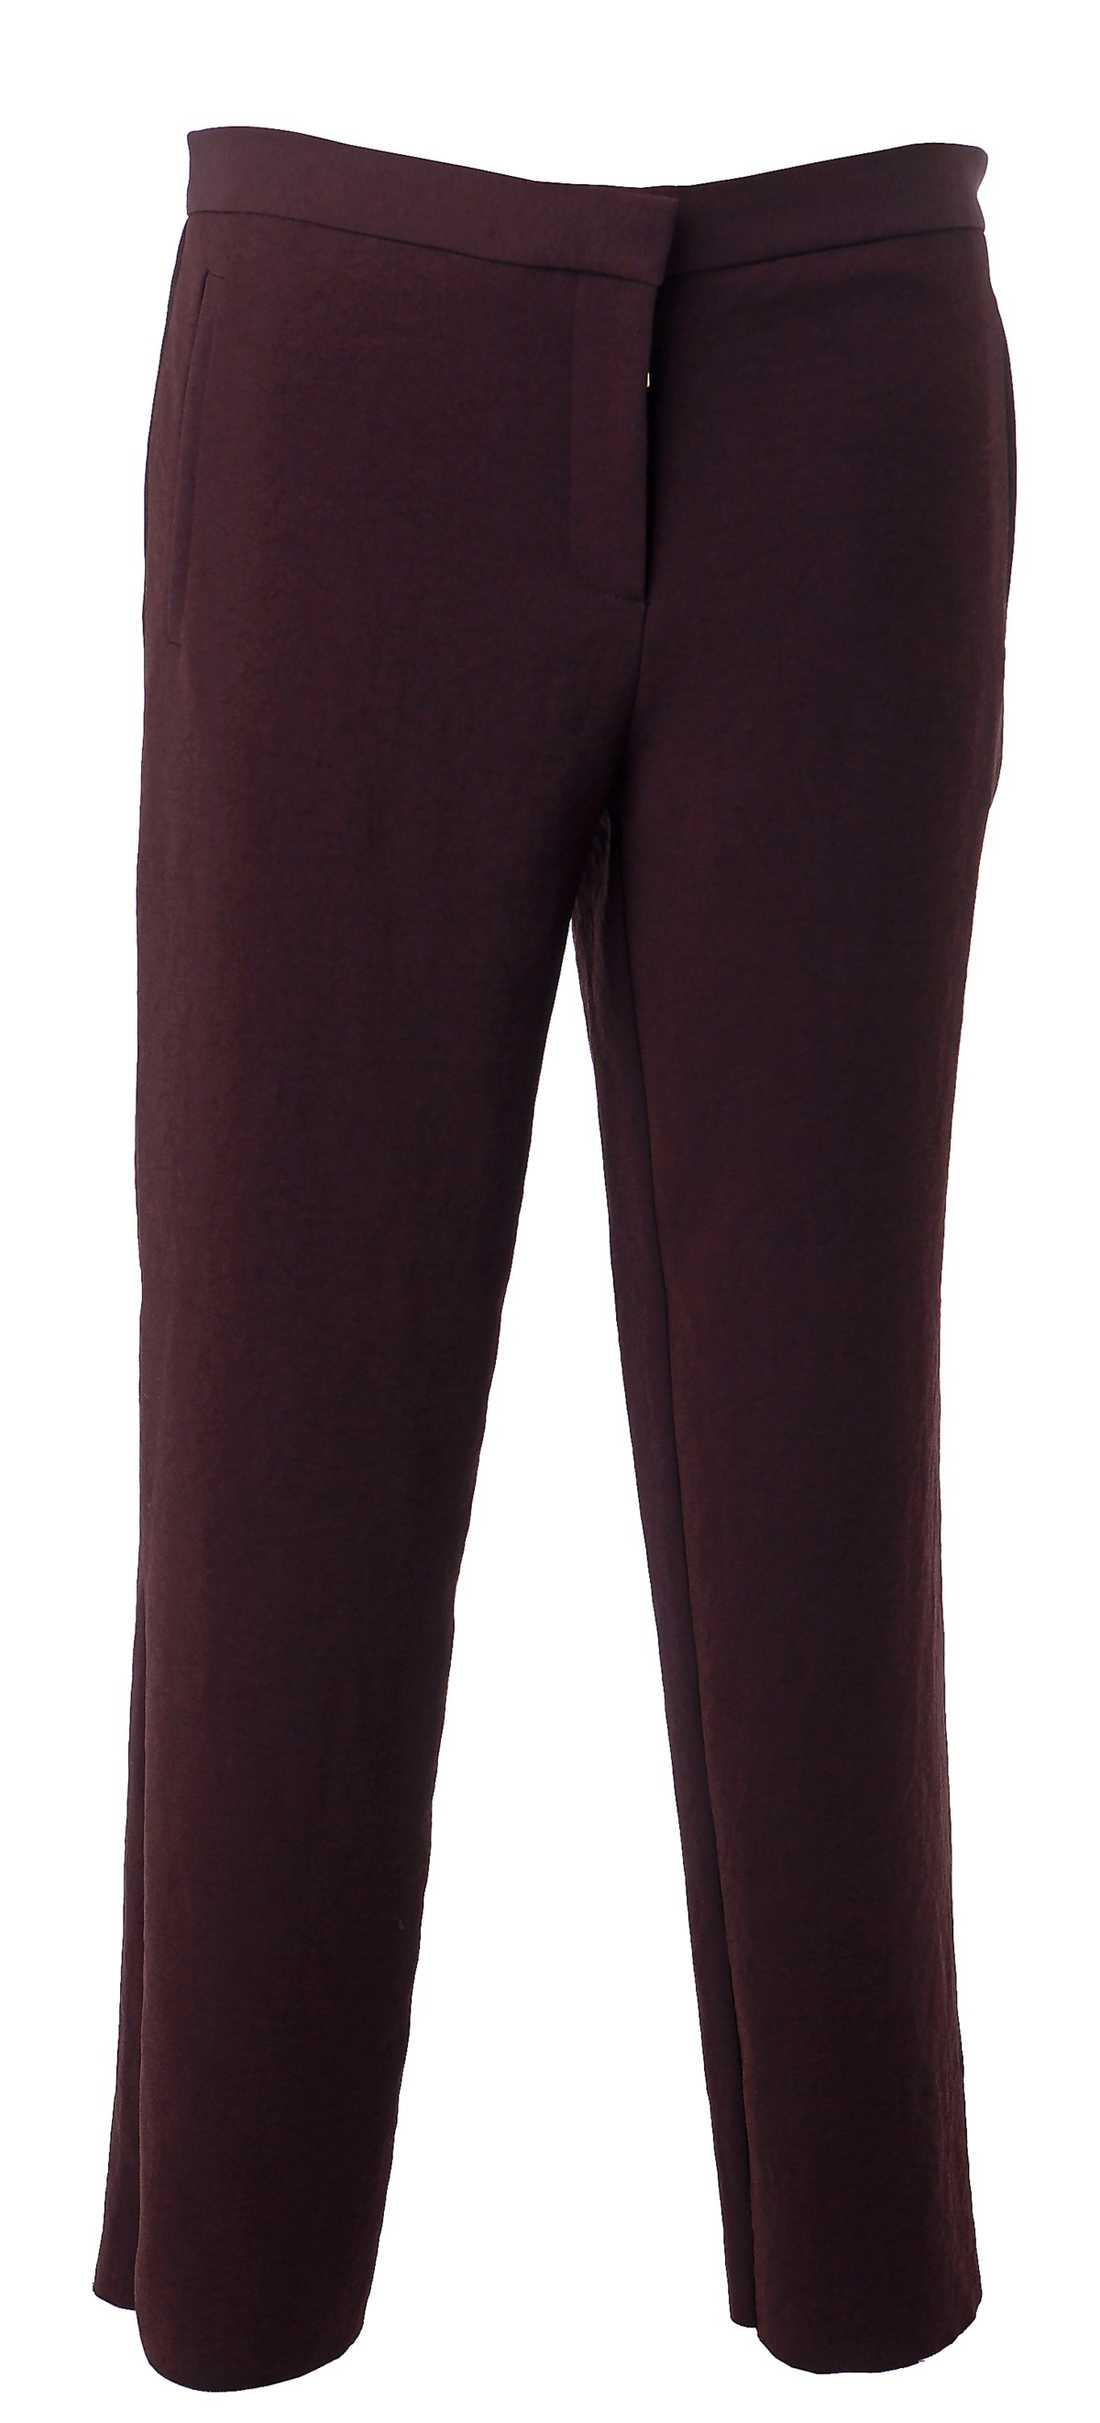 Minimalistiskt Cos. 690 krEtt par lite för korta byxor är snyggt, matcha med höga klackar.